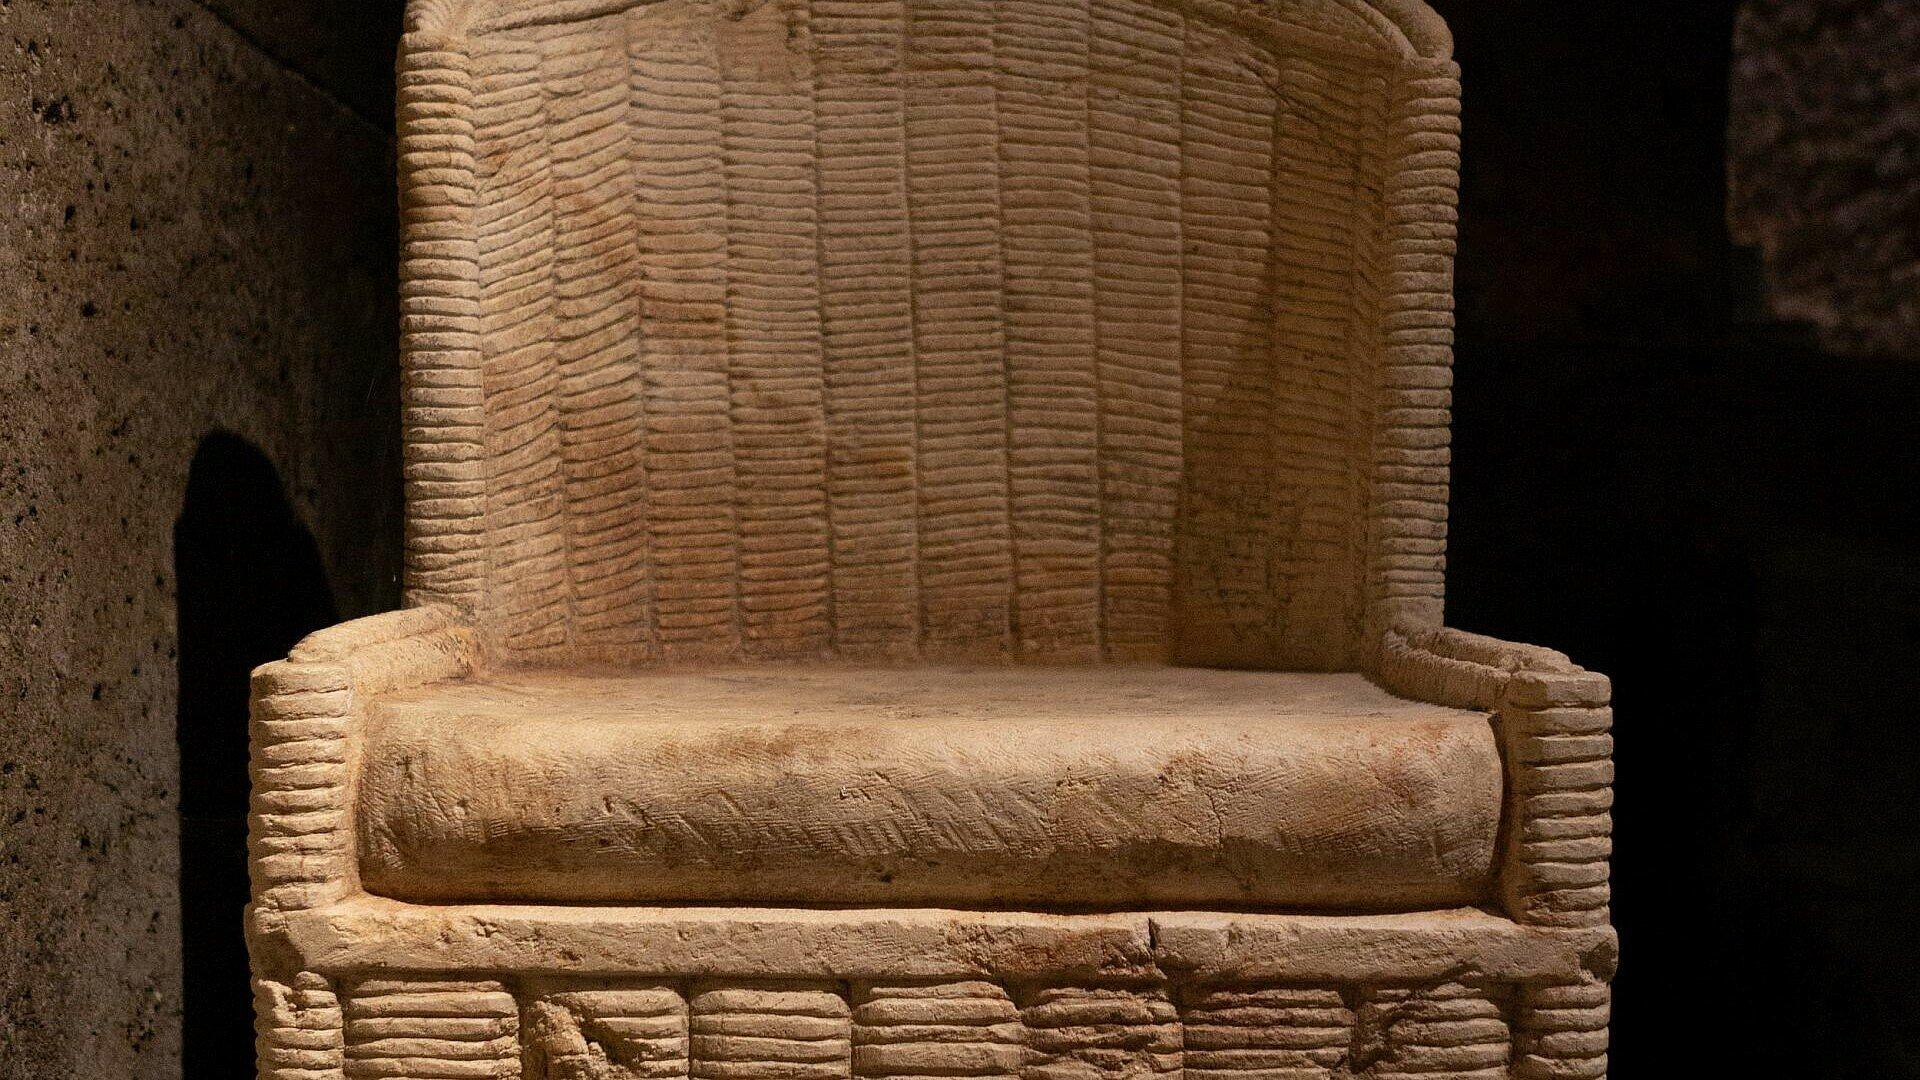 Römischer Steinsessel aus der Antike im Römergrab in Köln-Weiden